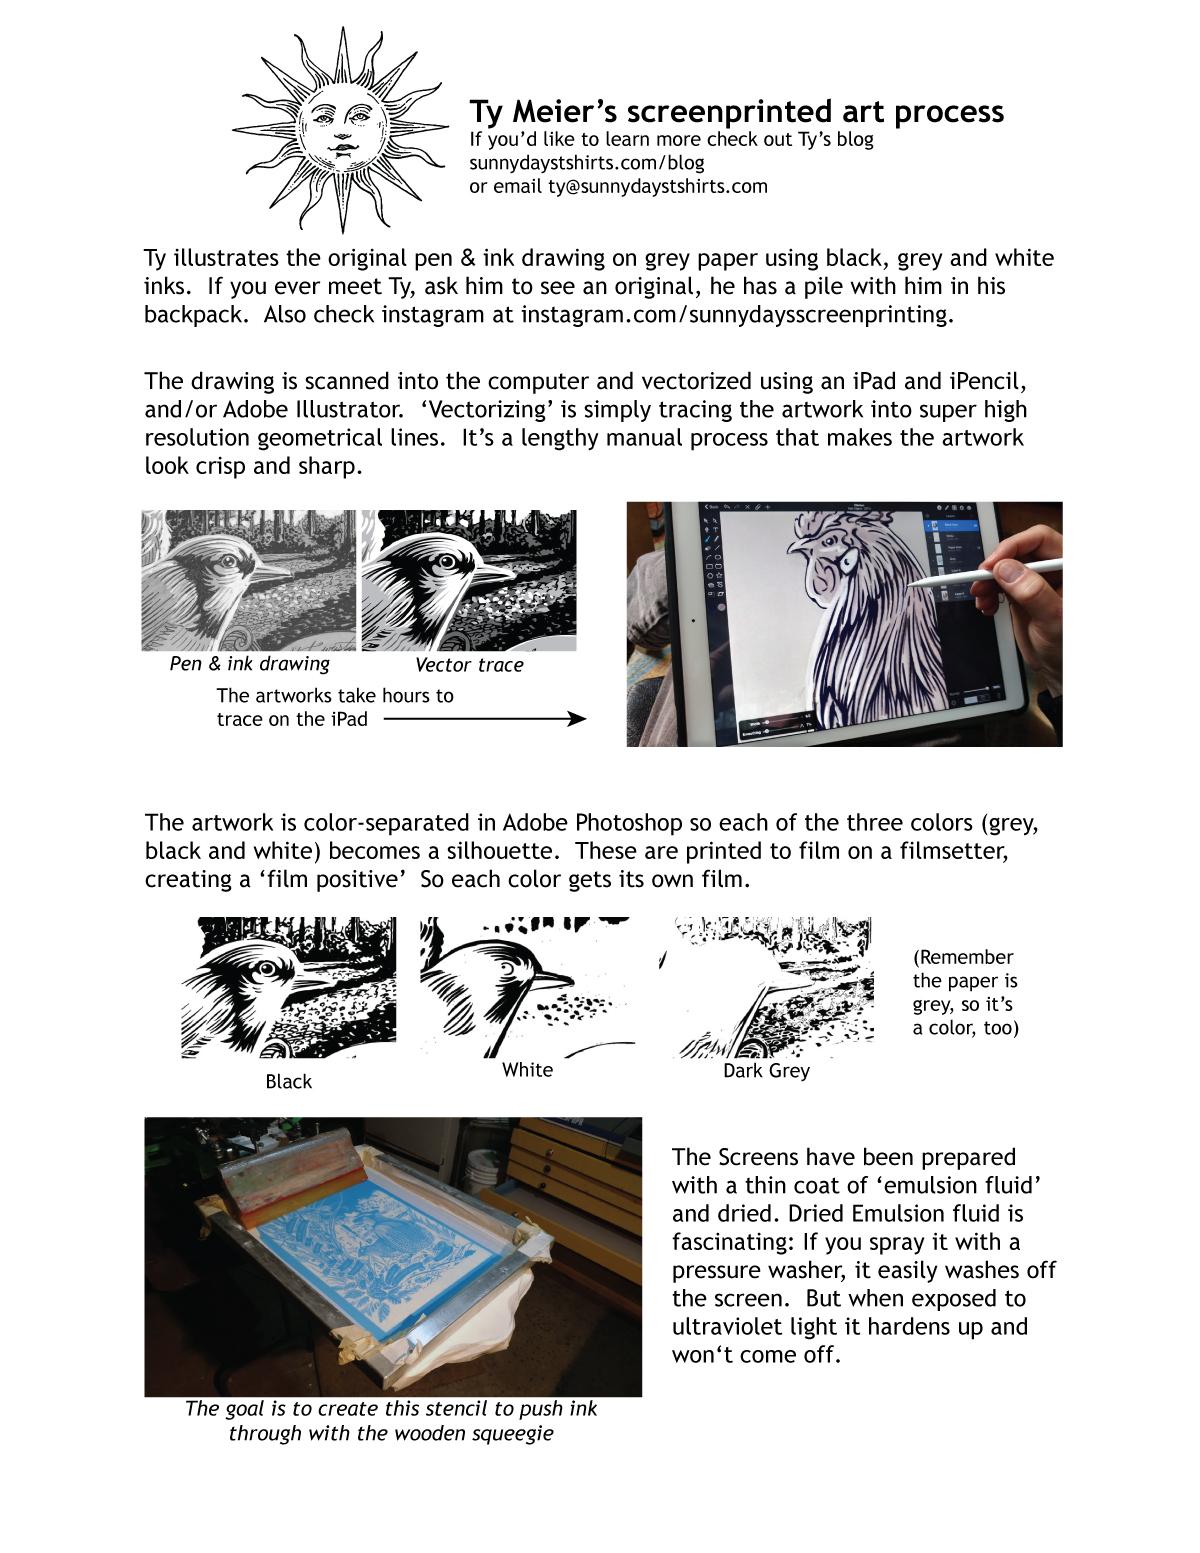 explanation-pg-1.jpg